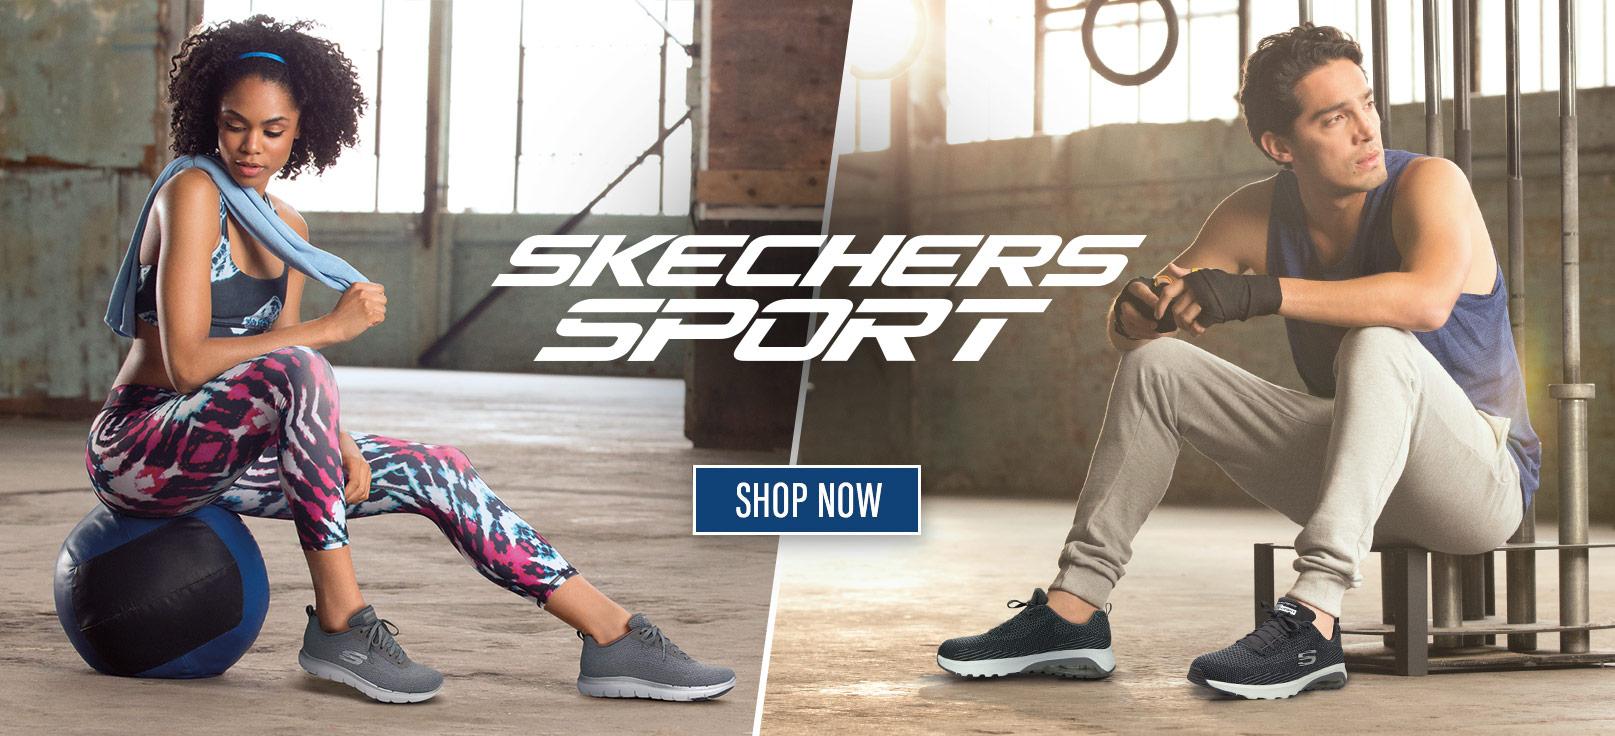 Entdecke Skechers Sportschuhe für Männer und Frauen